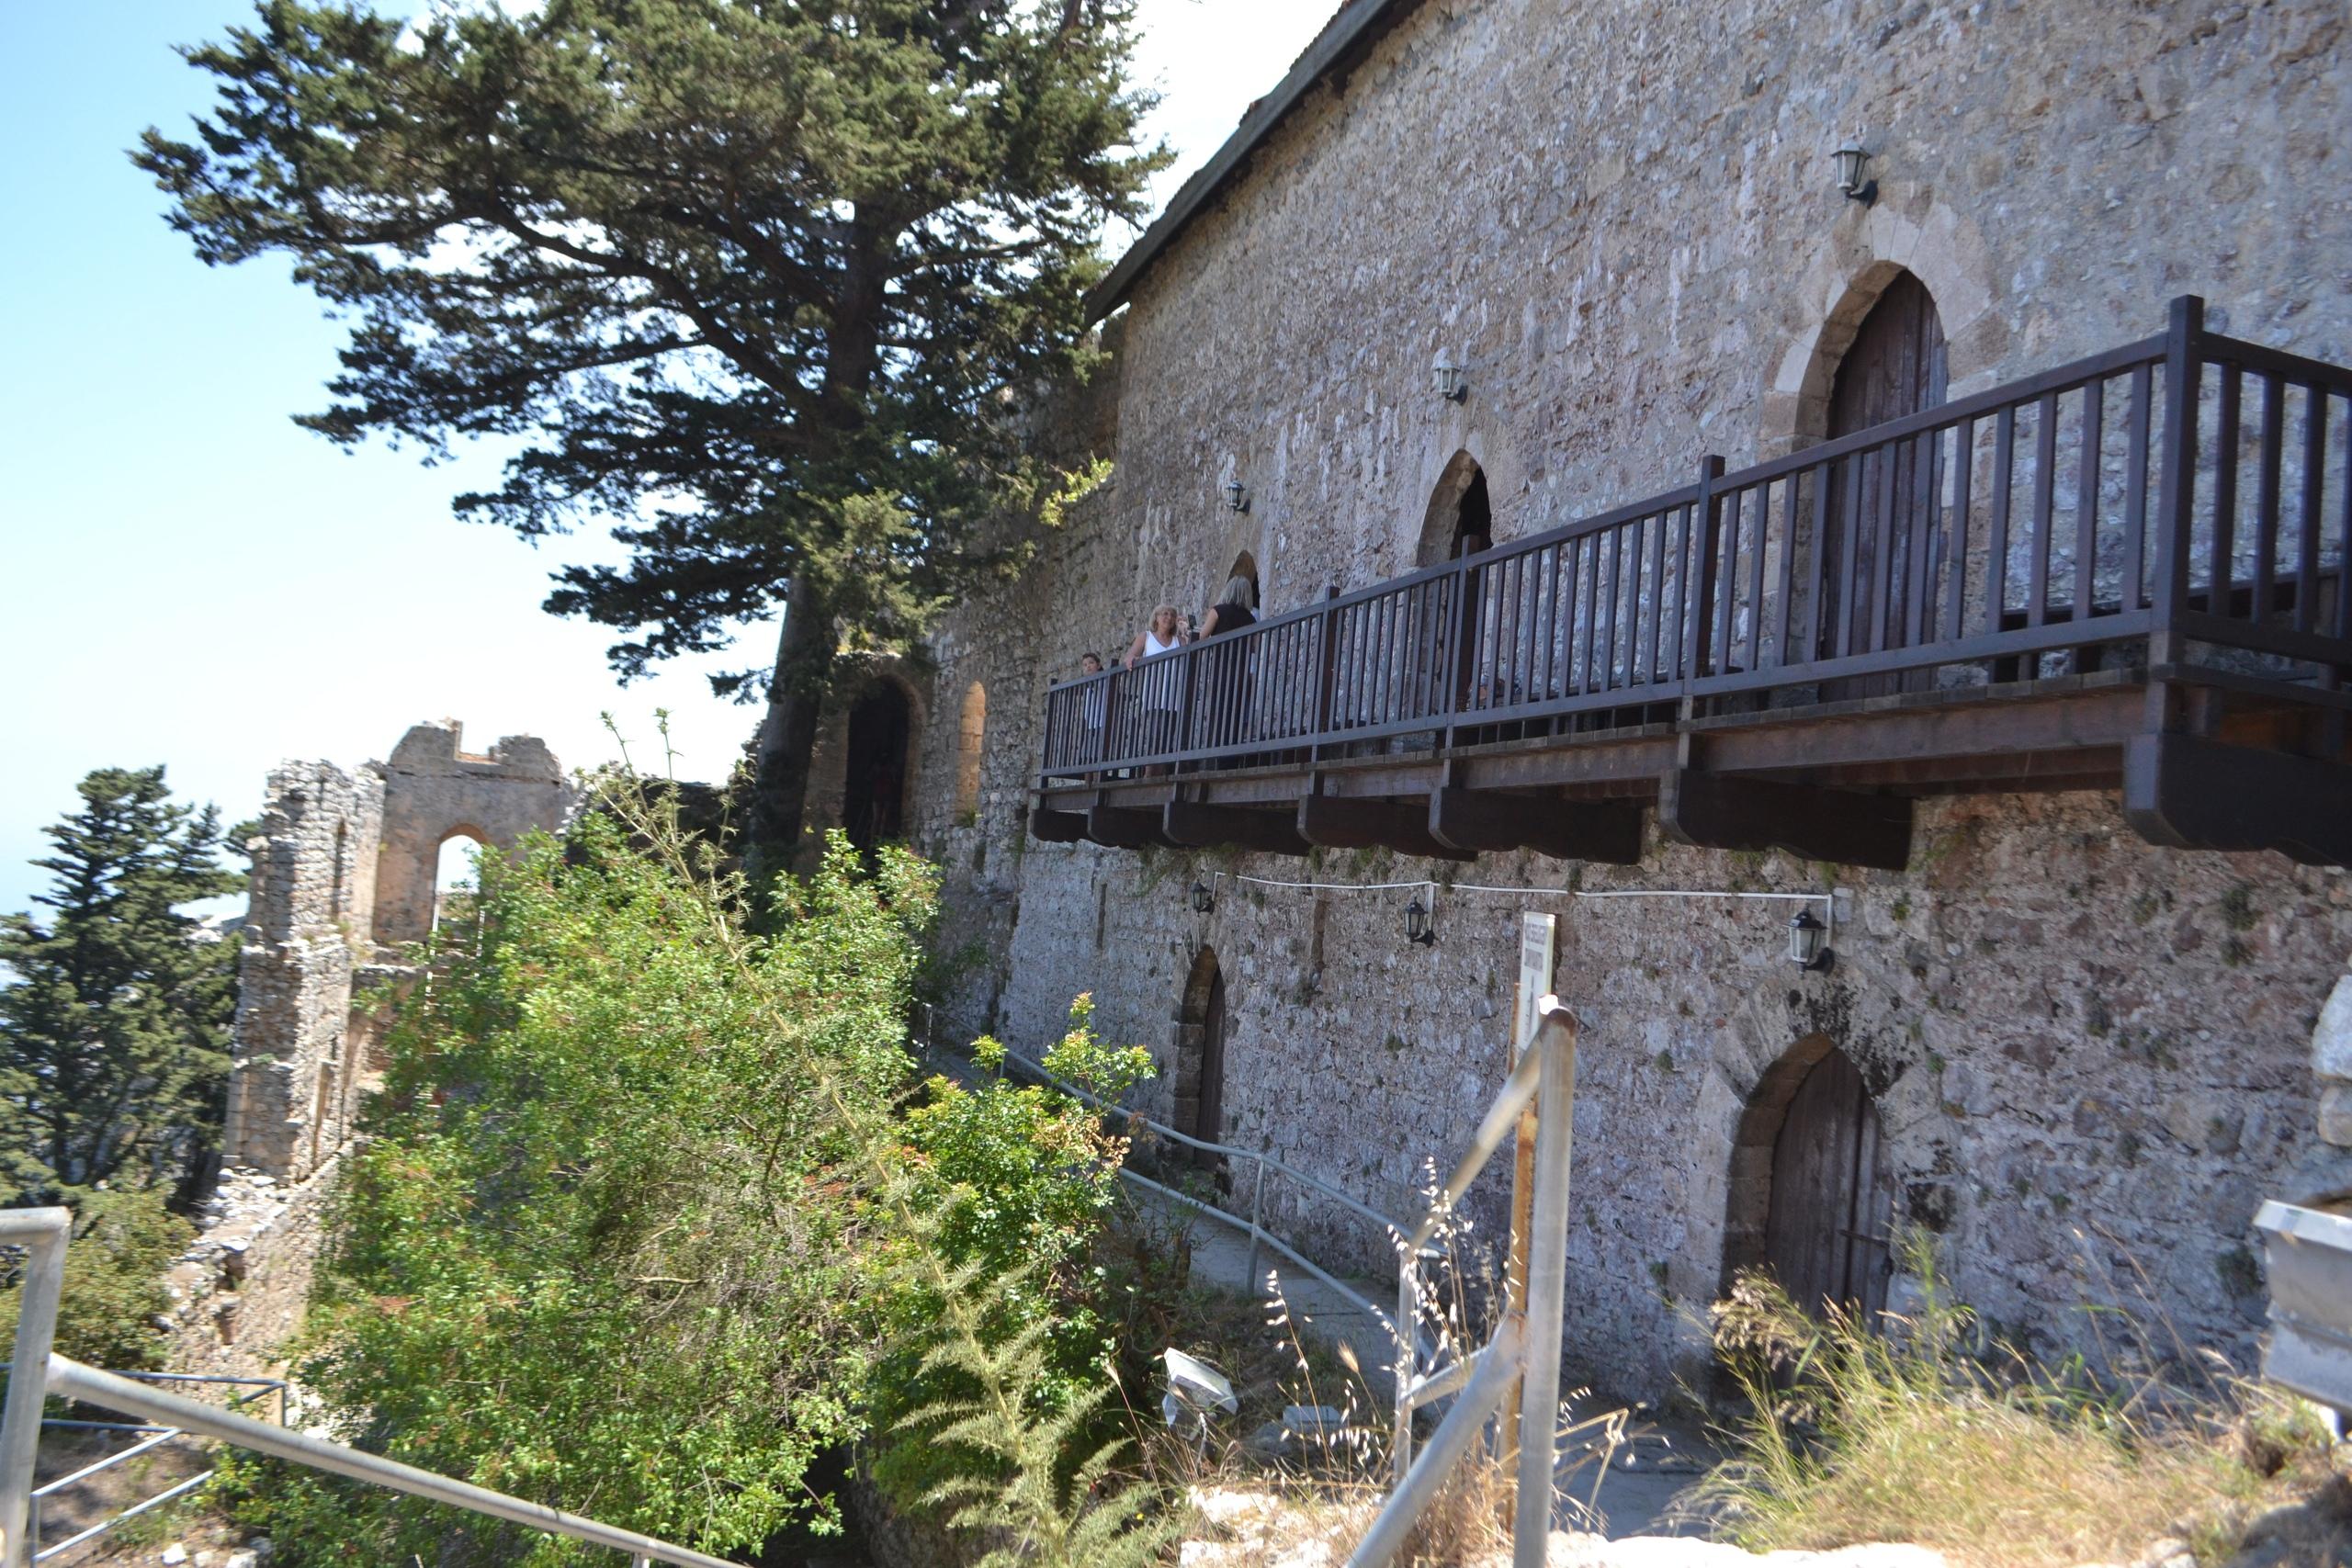 Северный Кипр. Замок Святого Иллариона. (фото). - Страница 2 LUjMumo8Oco